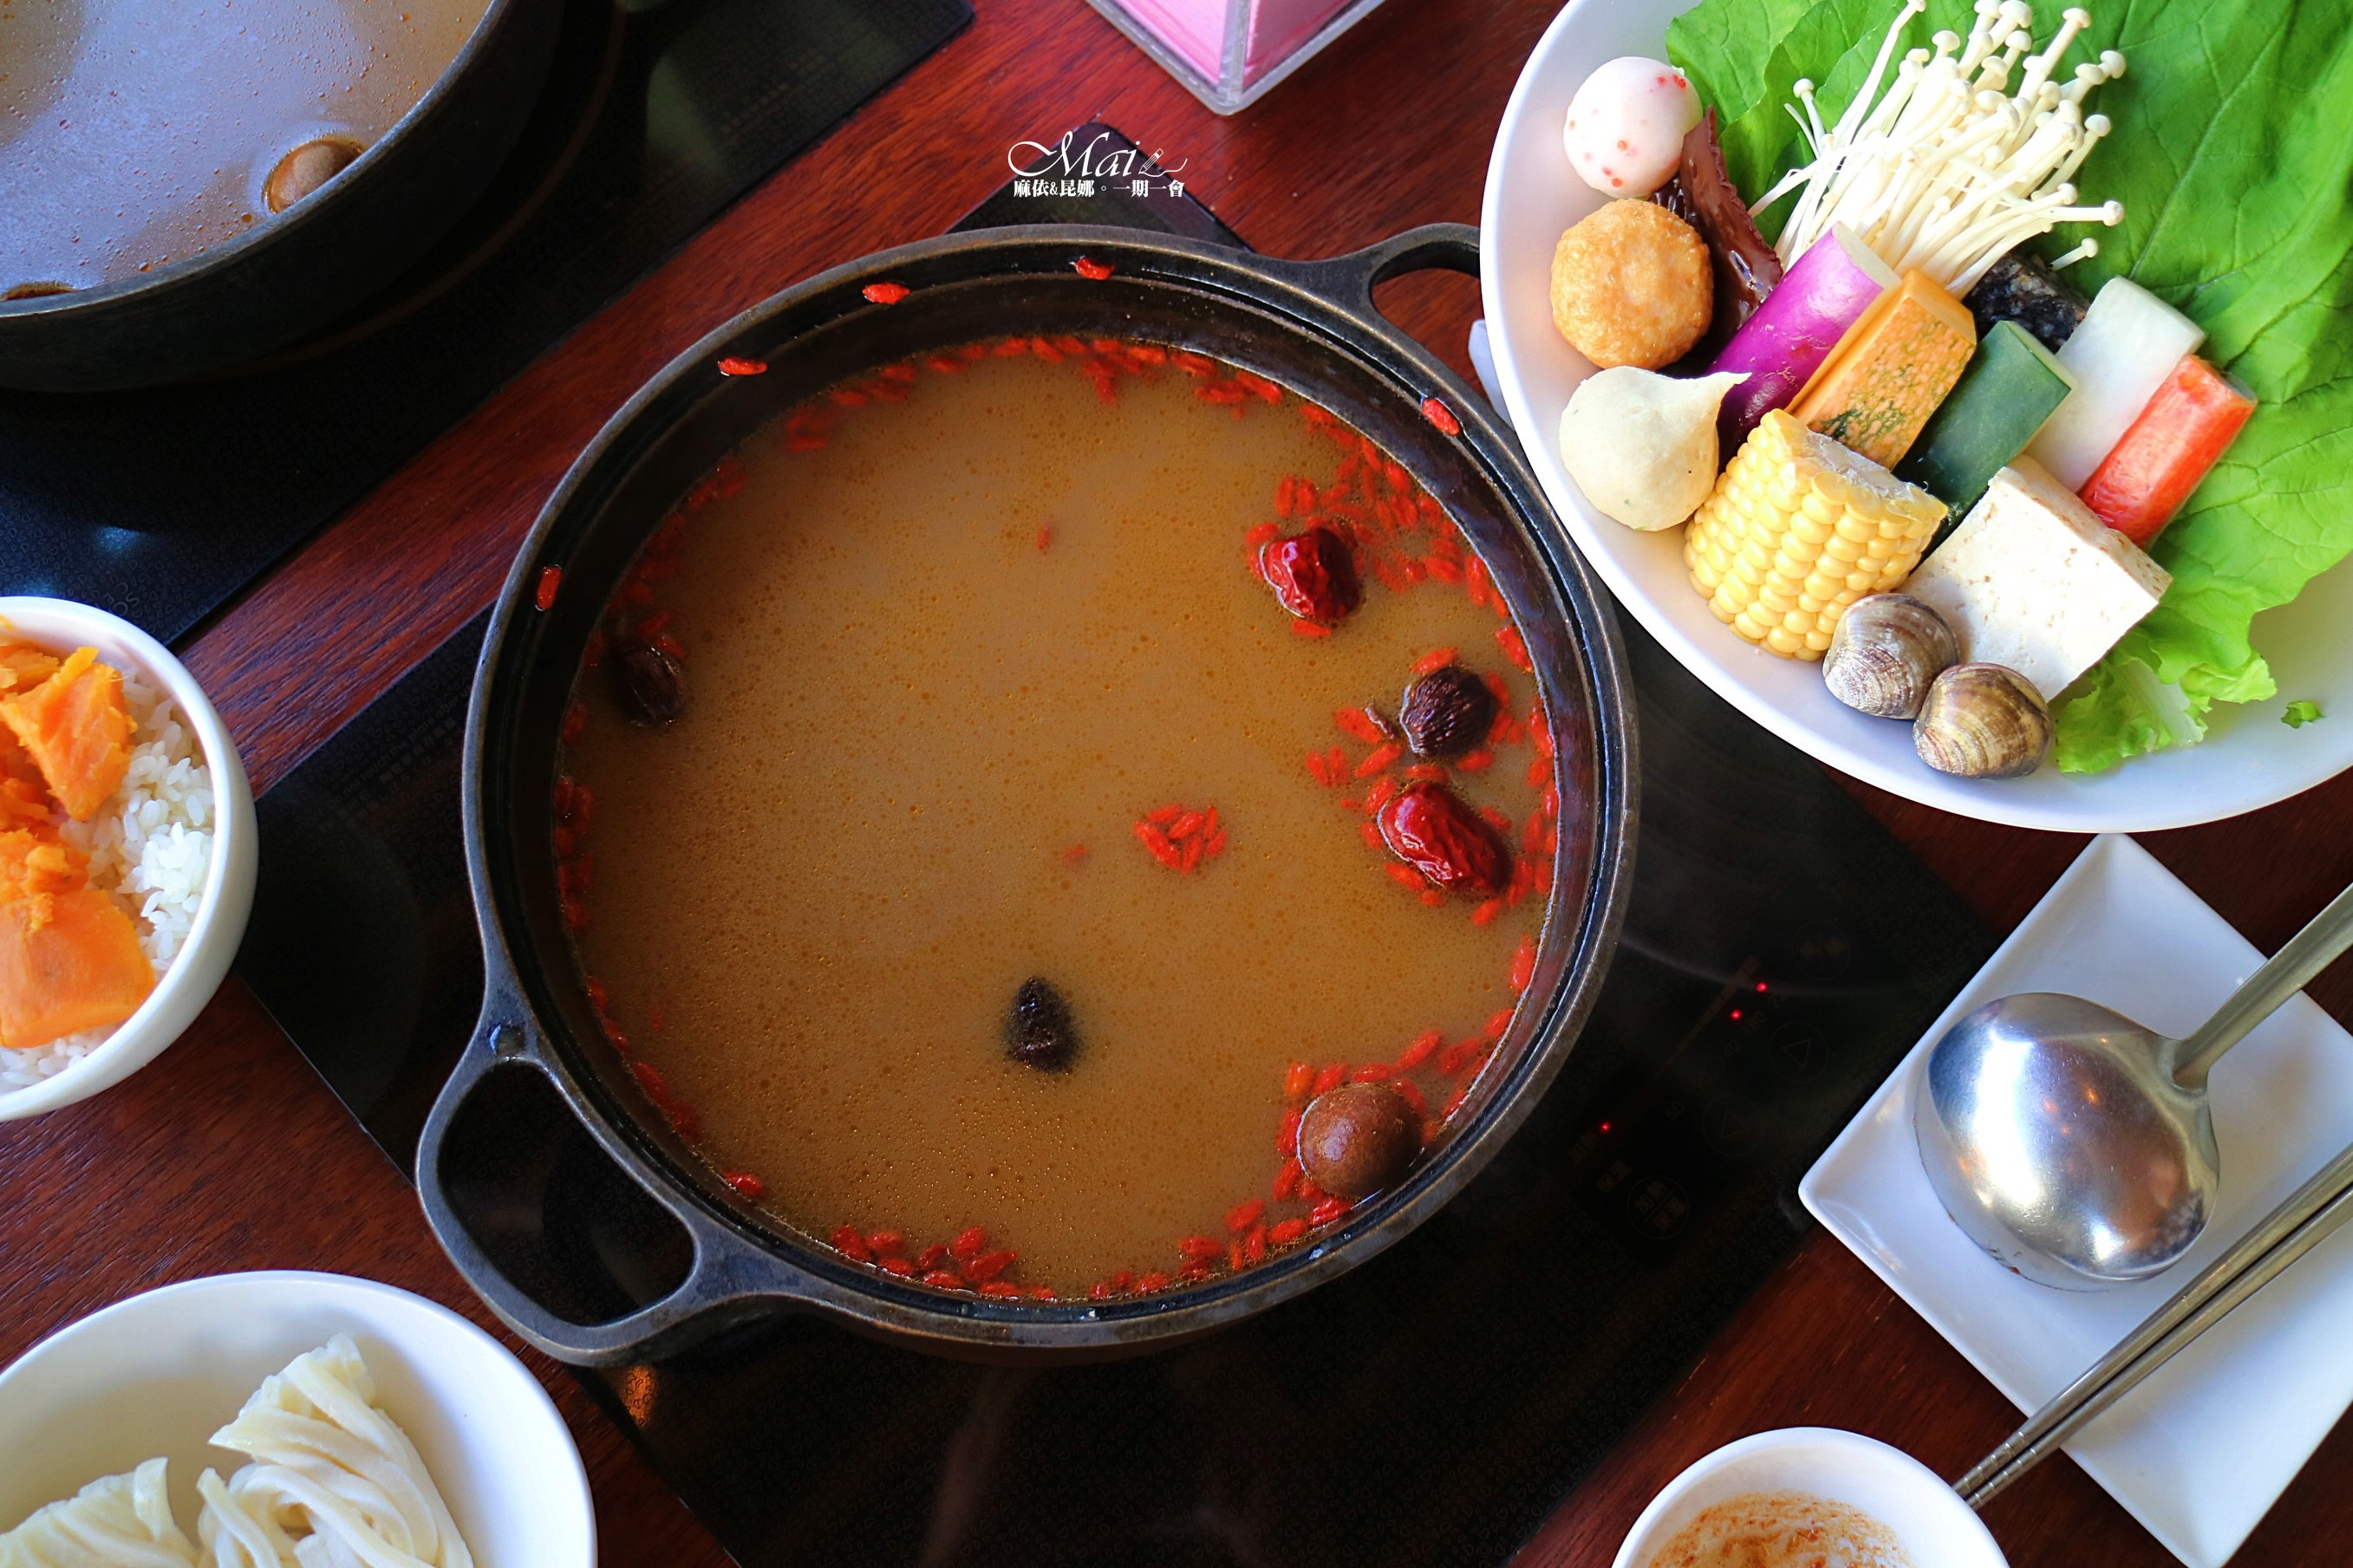 台中美食 ▌八錢鍋物食堂:平價好吃火鍋、麻辣湯頭超香、食材新鮮大推《麻依專欄》